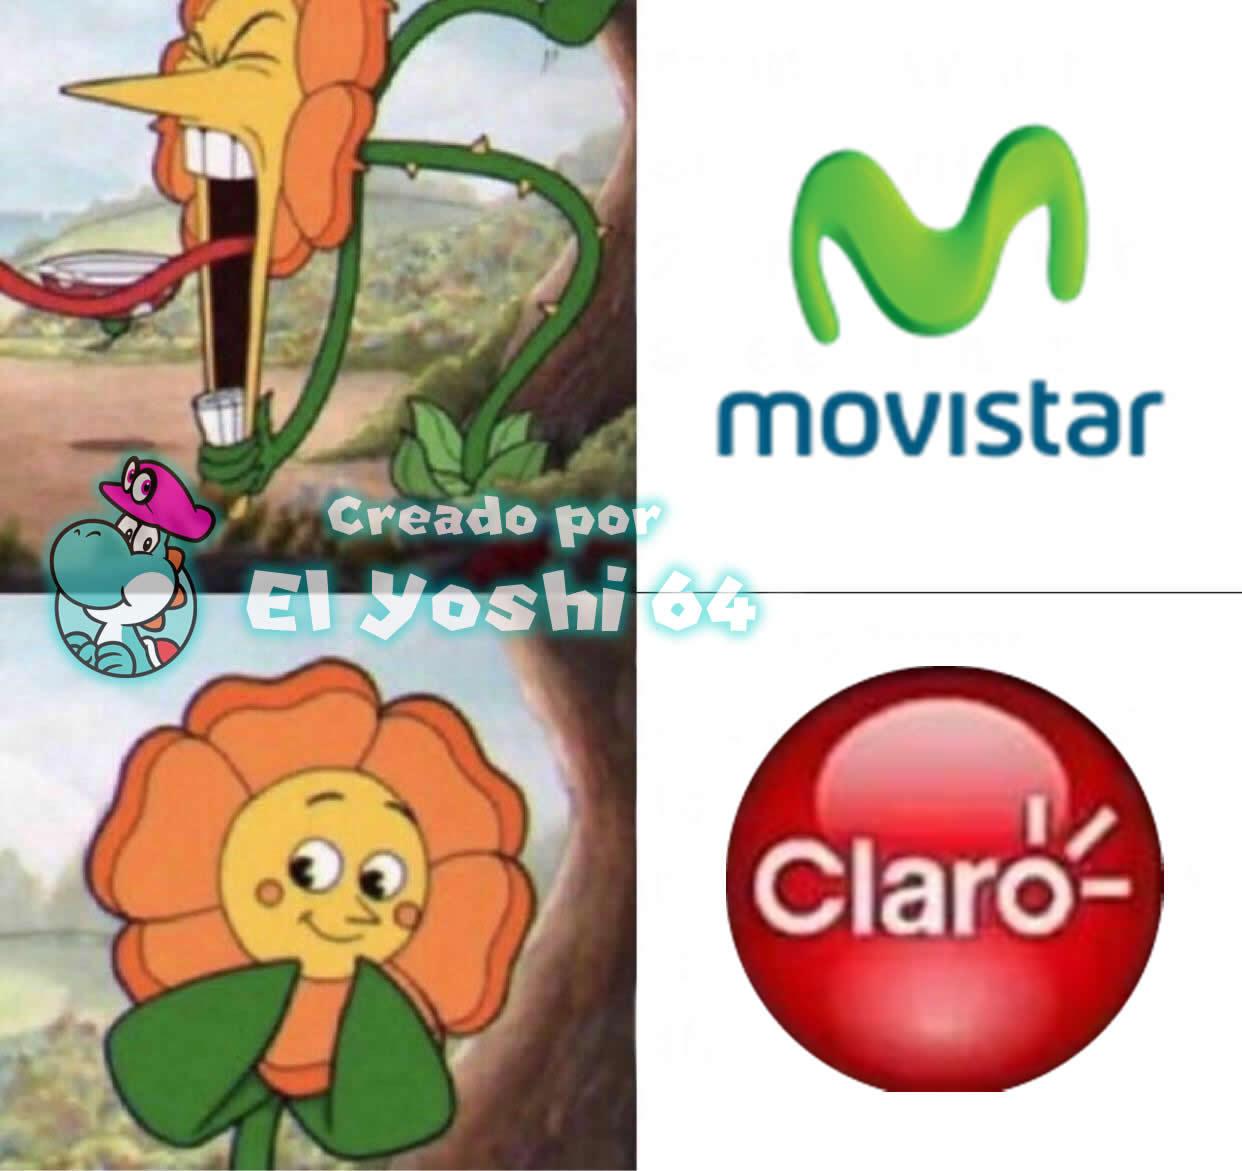 Esto pasa cuando te cambias a Movistar: Flowey la flor se enfurece - meme